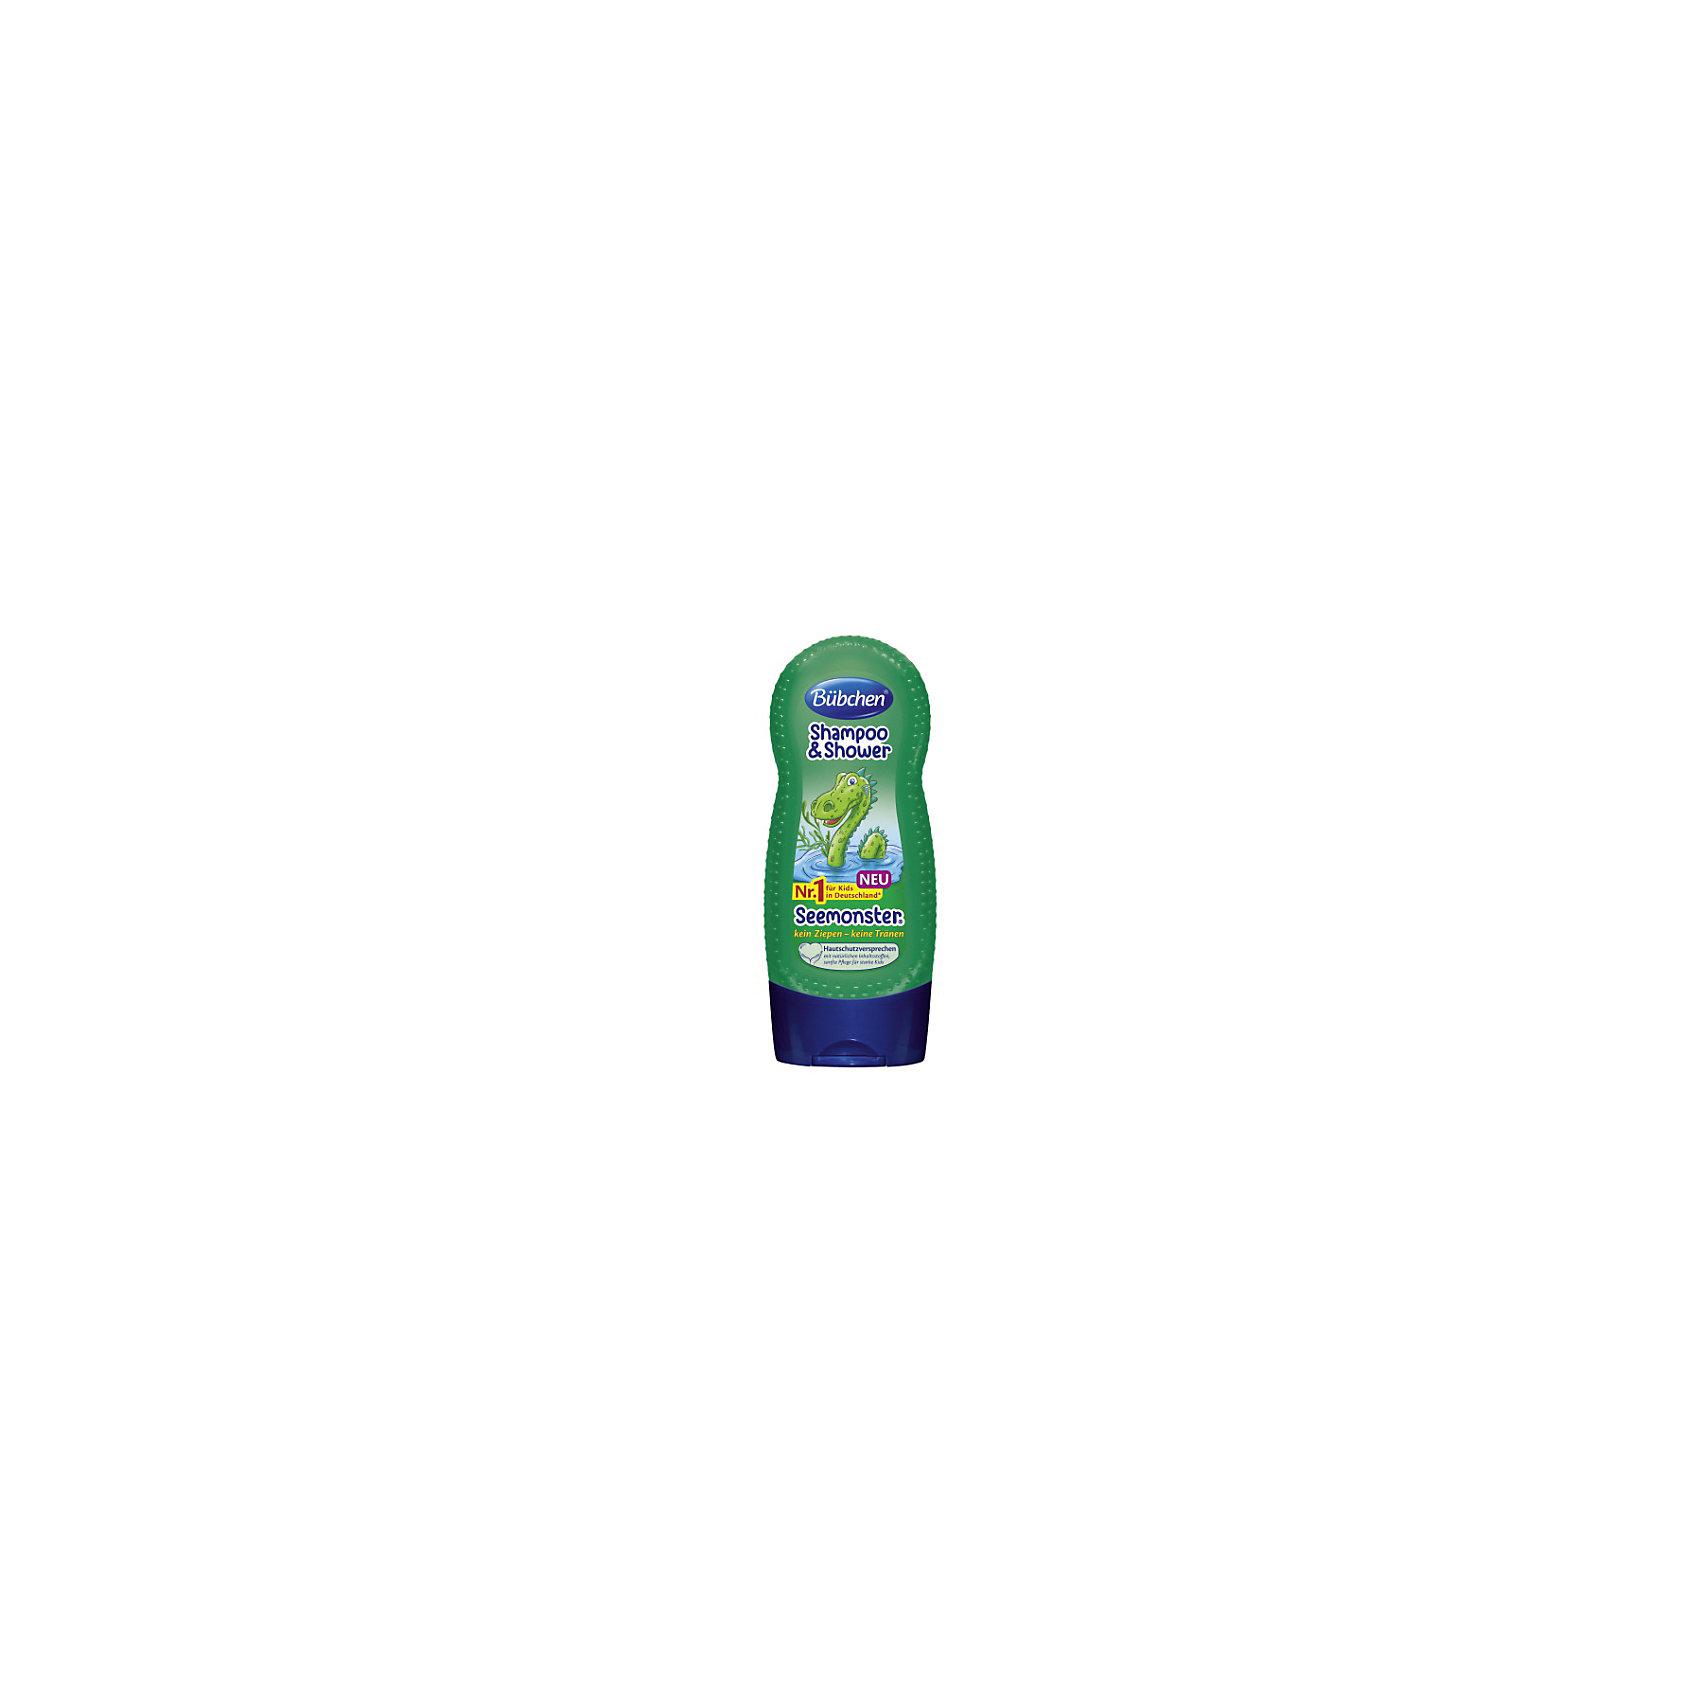 Шампунь для мытья волос и тела Зеленый монстр, BUBCHEN, 230 мл. (Bubchen)